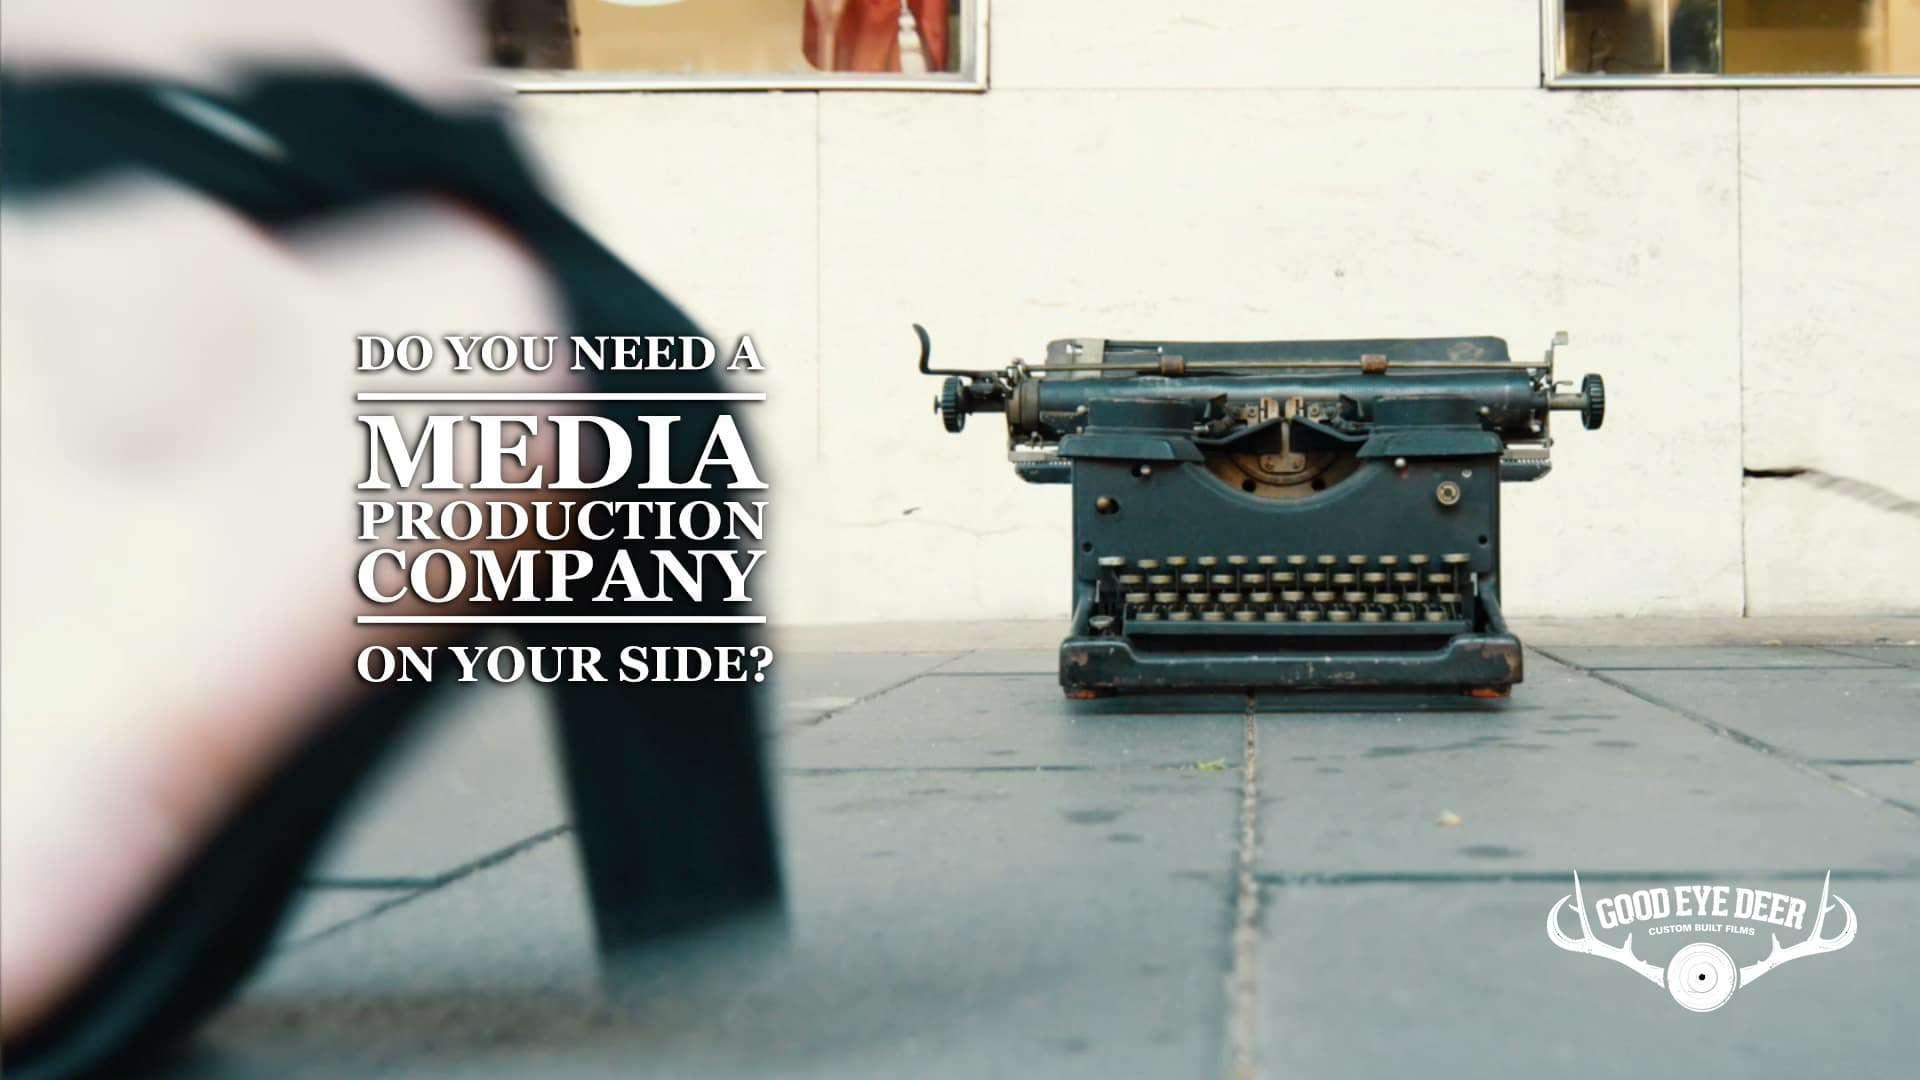 Sydney Media Production Company